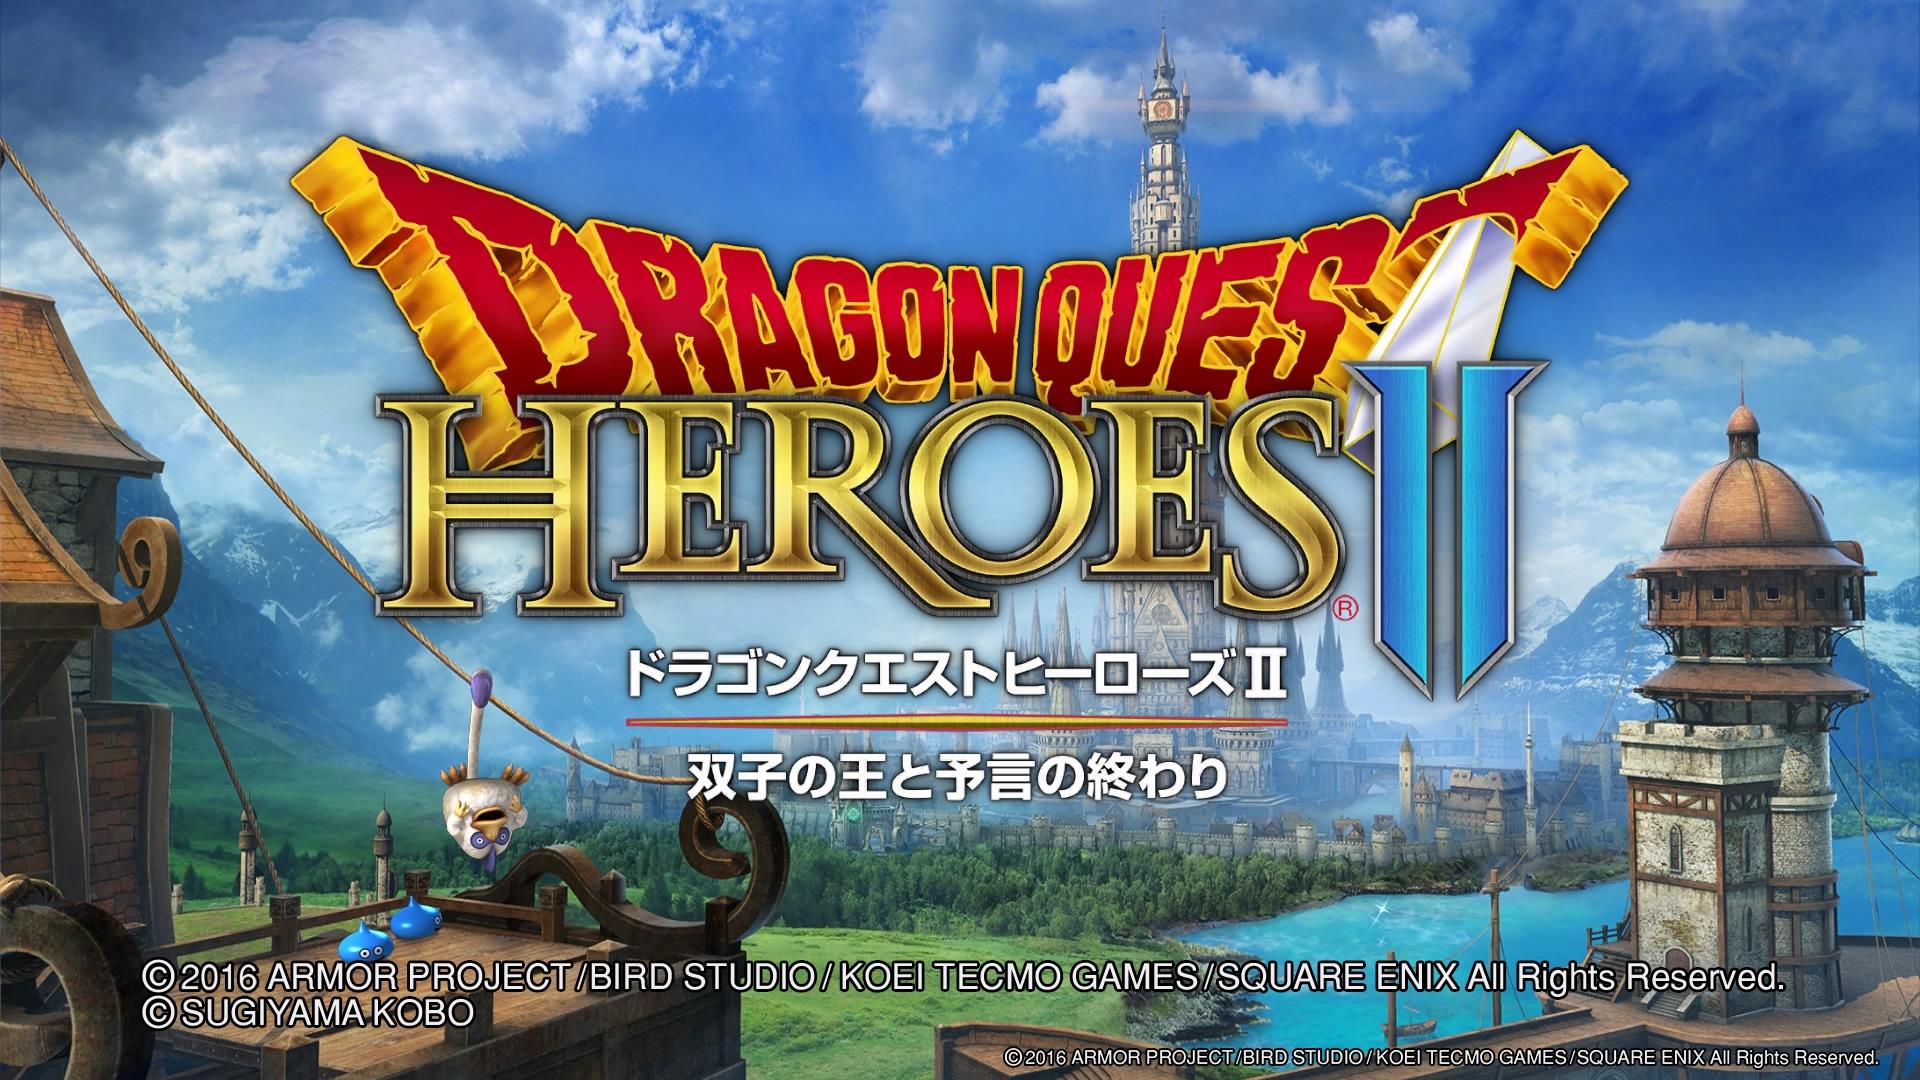 ドラゴンクエストヒーローズⅡ 双子の王と予言の終わり_20160527200743